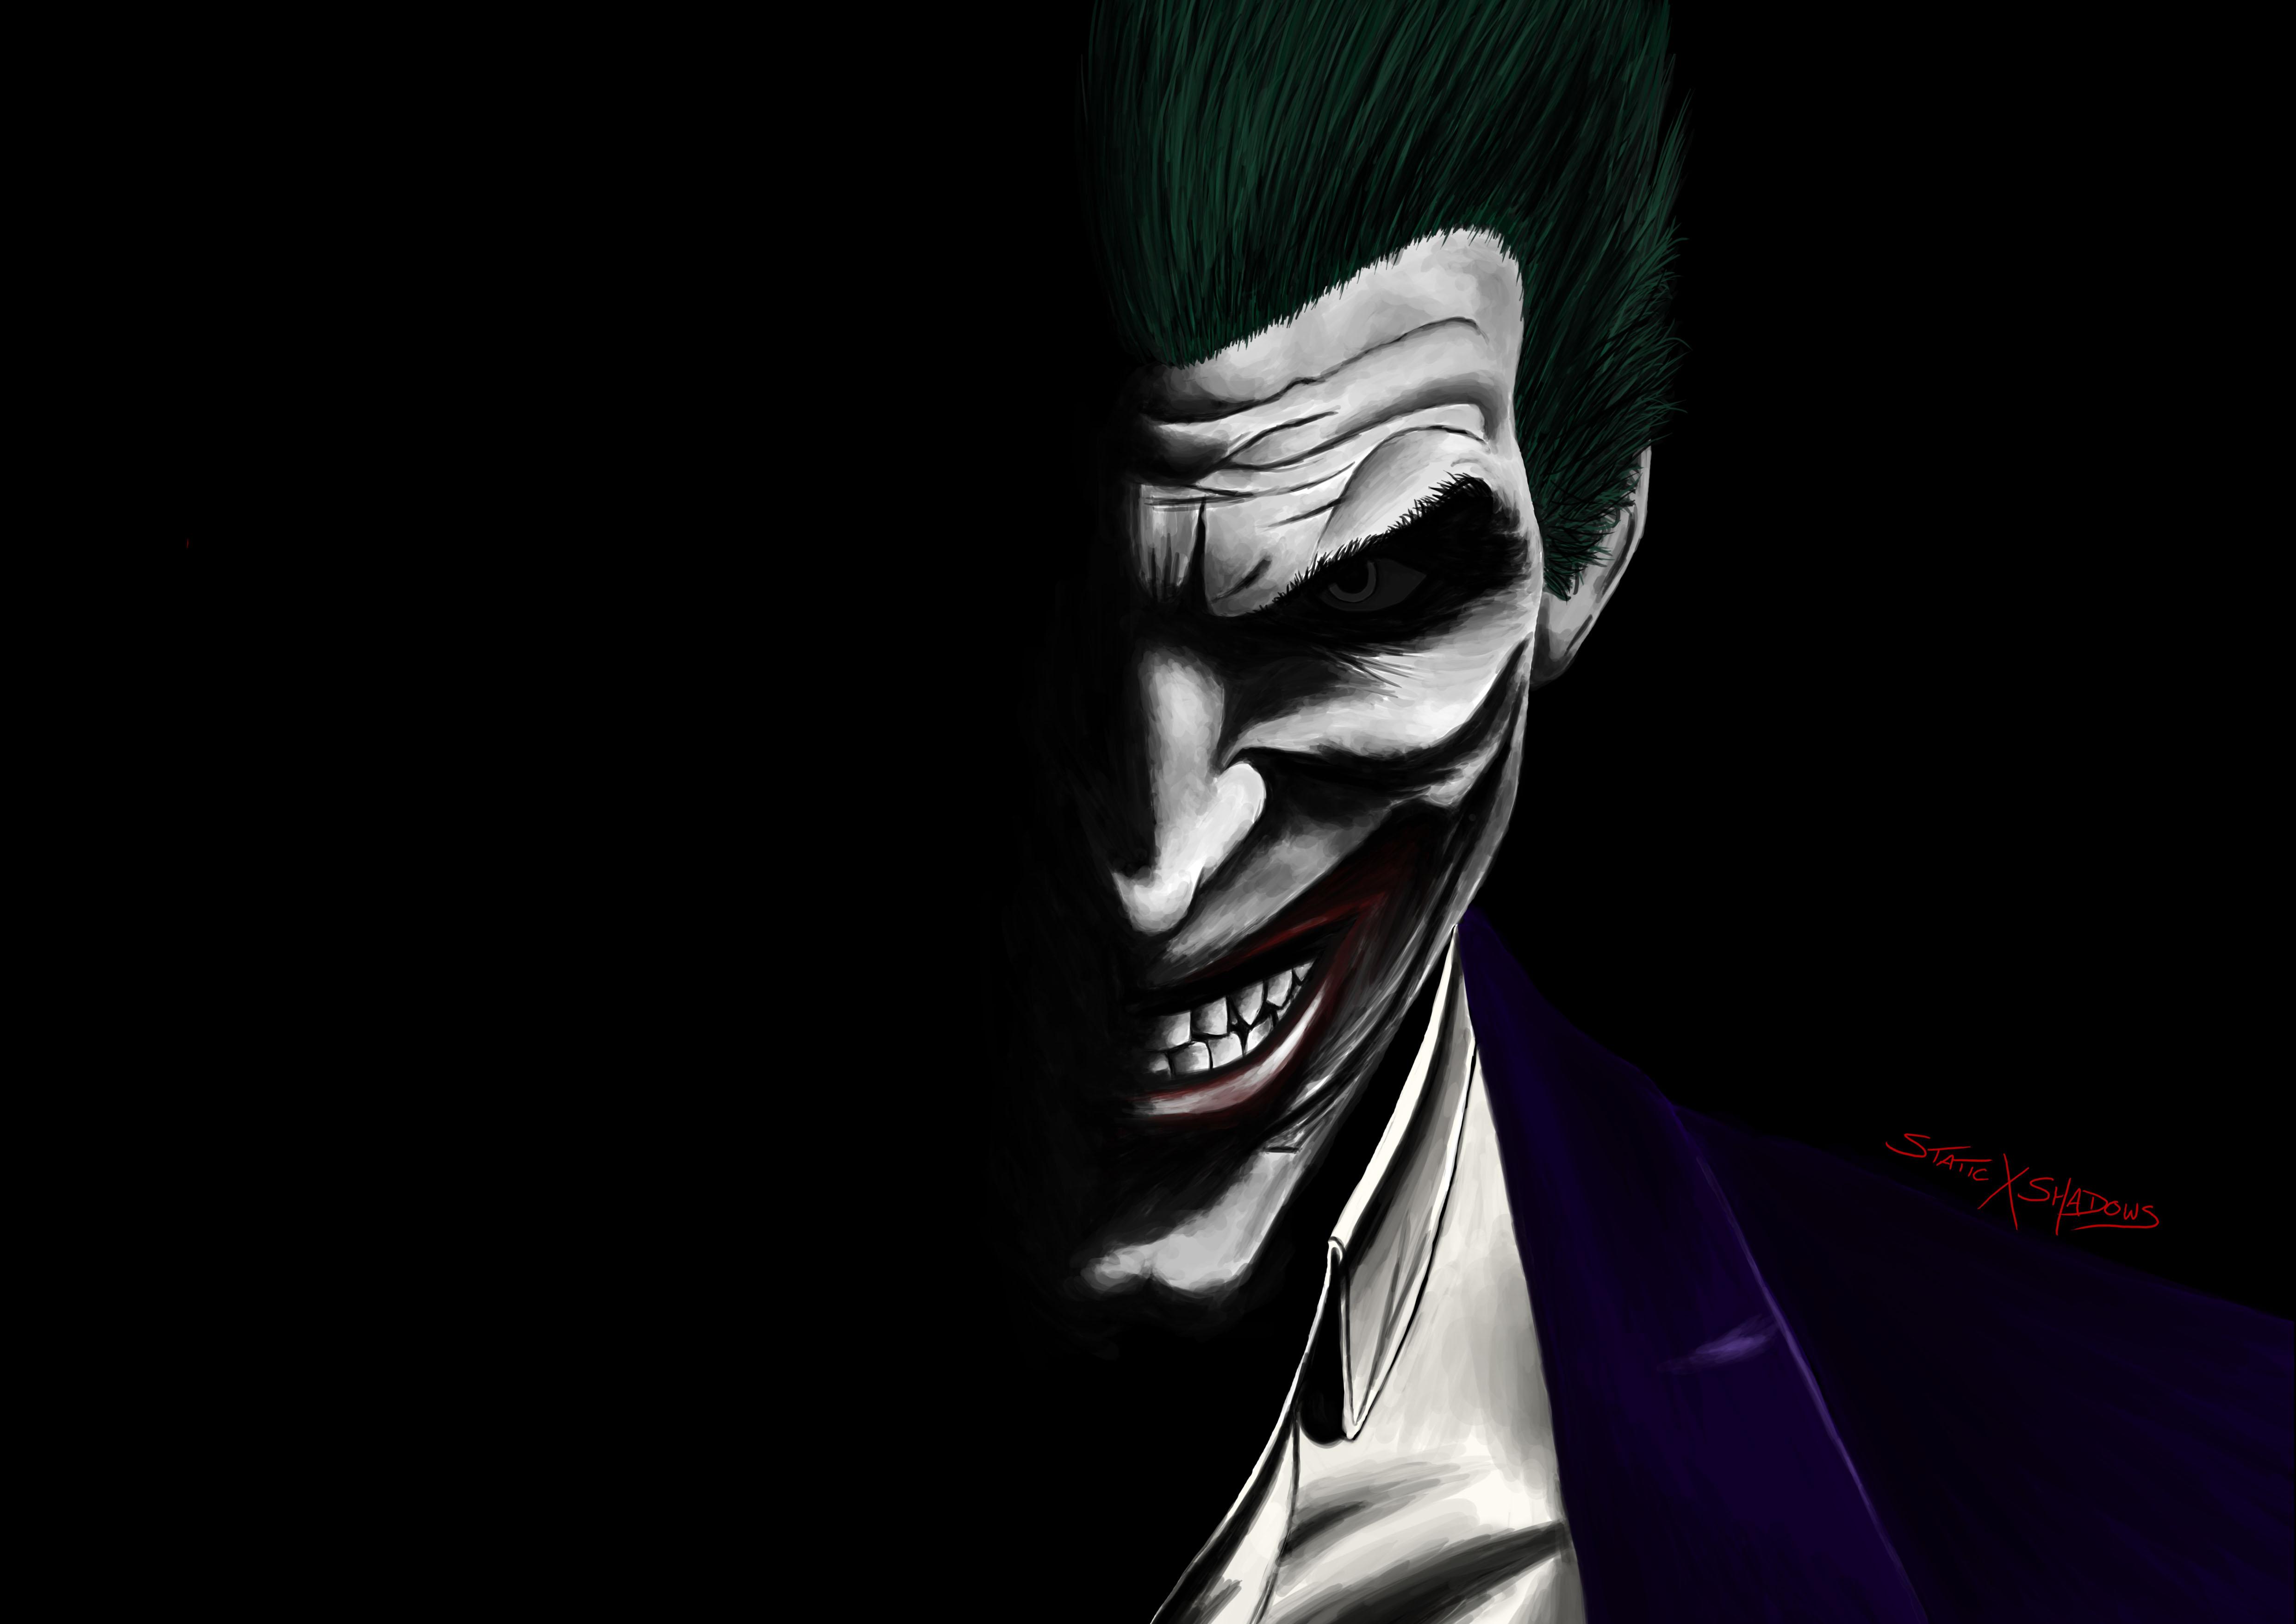 The Joker Wallpapers Wallpaper Ideas